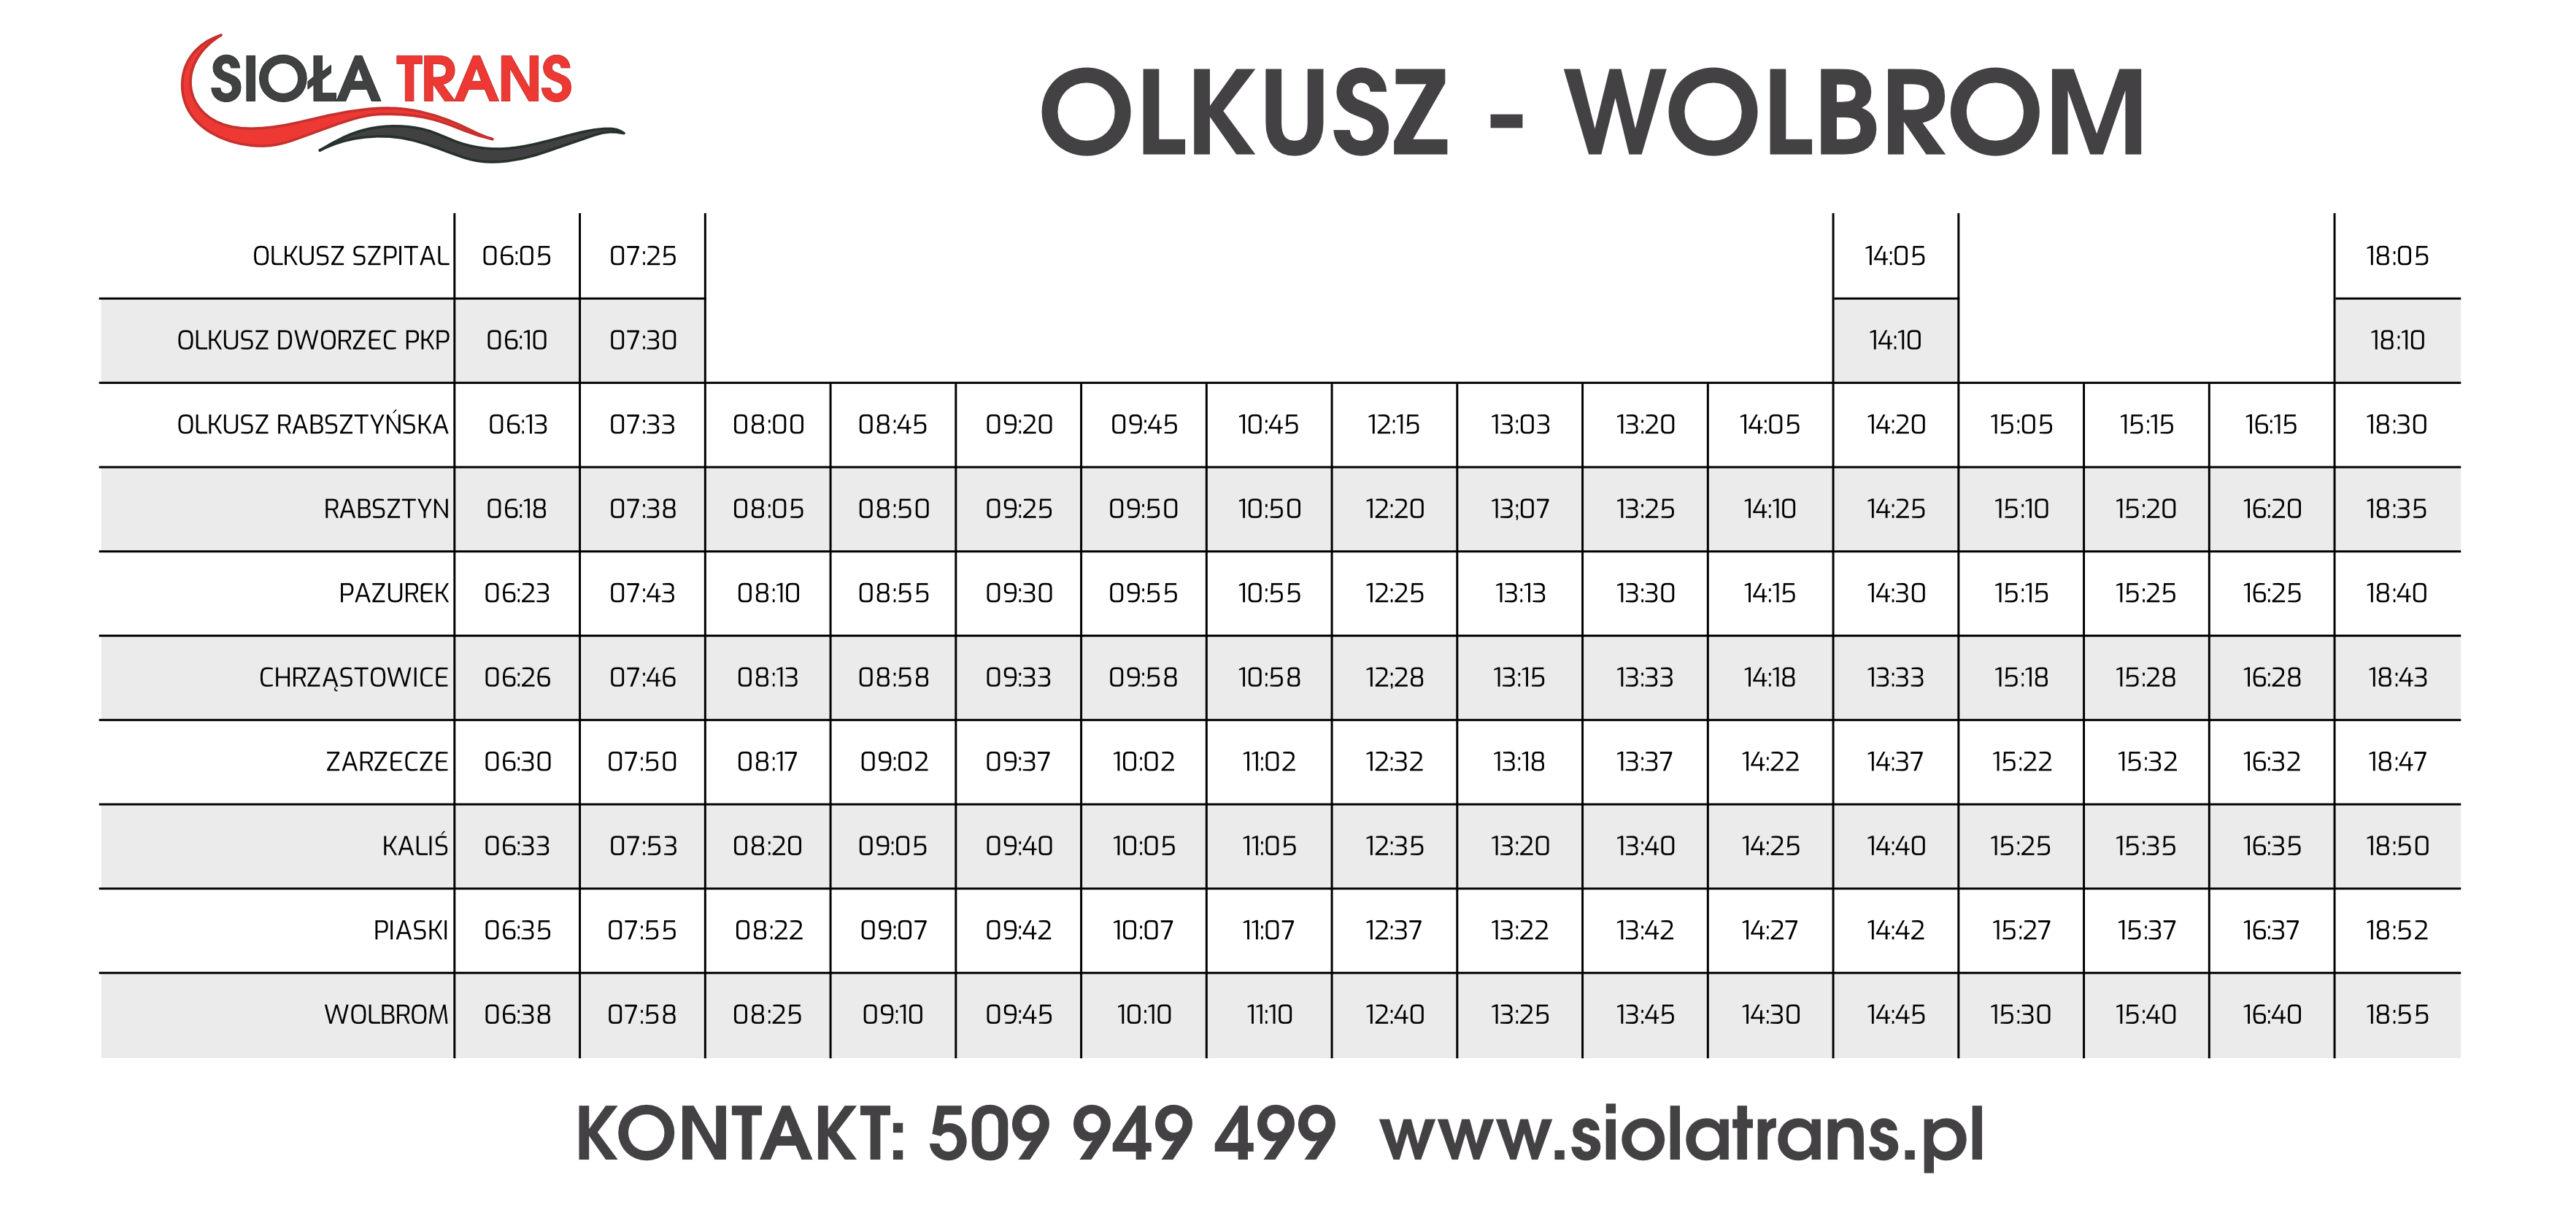 siola_trans_olkusz_wolbrom